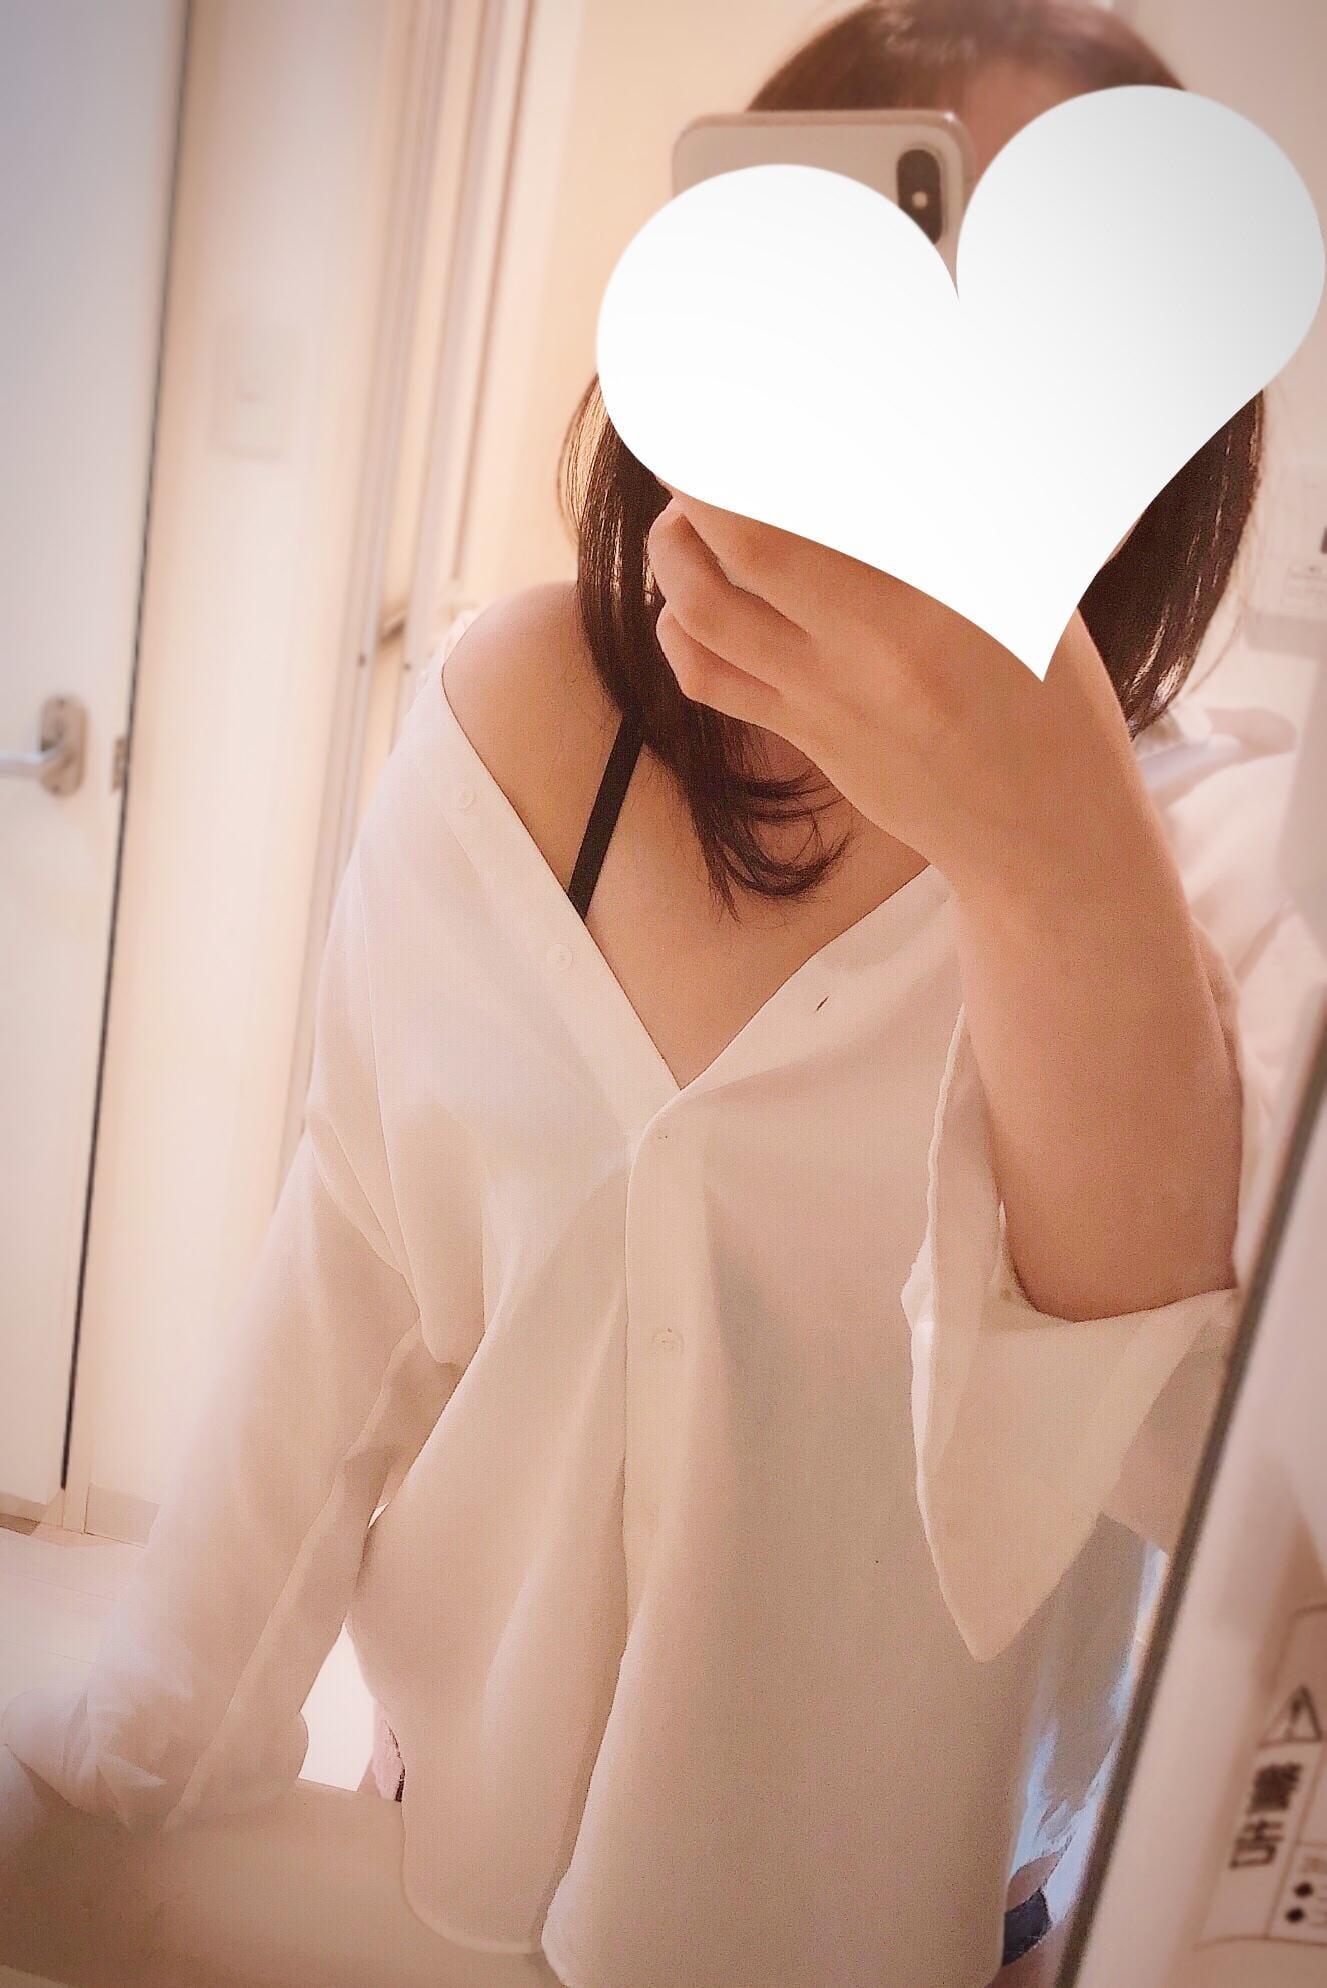 「21時頃のお客様♪」06/14(06/14) 00:29 | あやちゃんの写メ・風俗動画